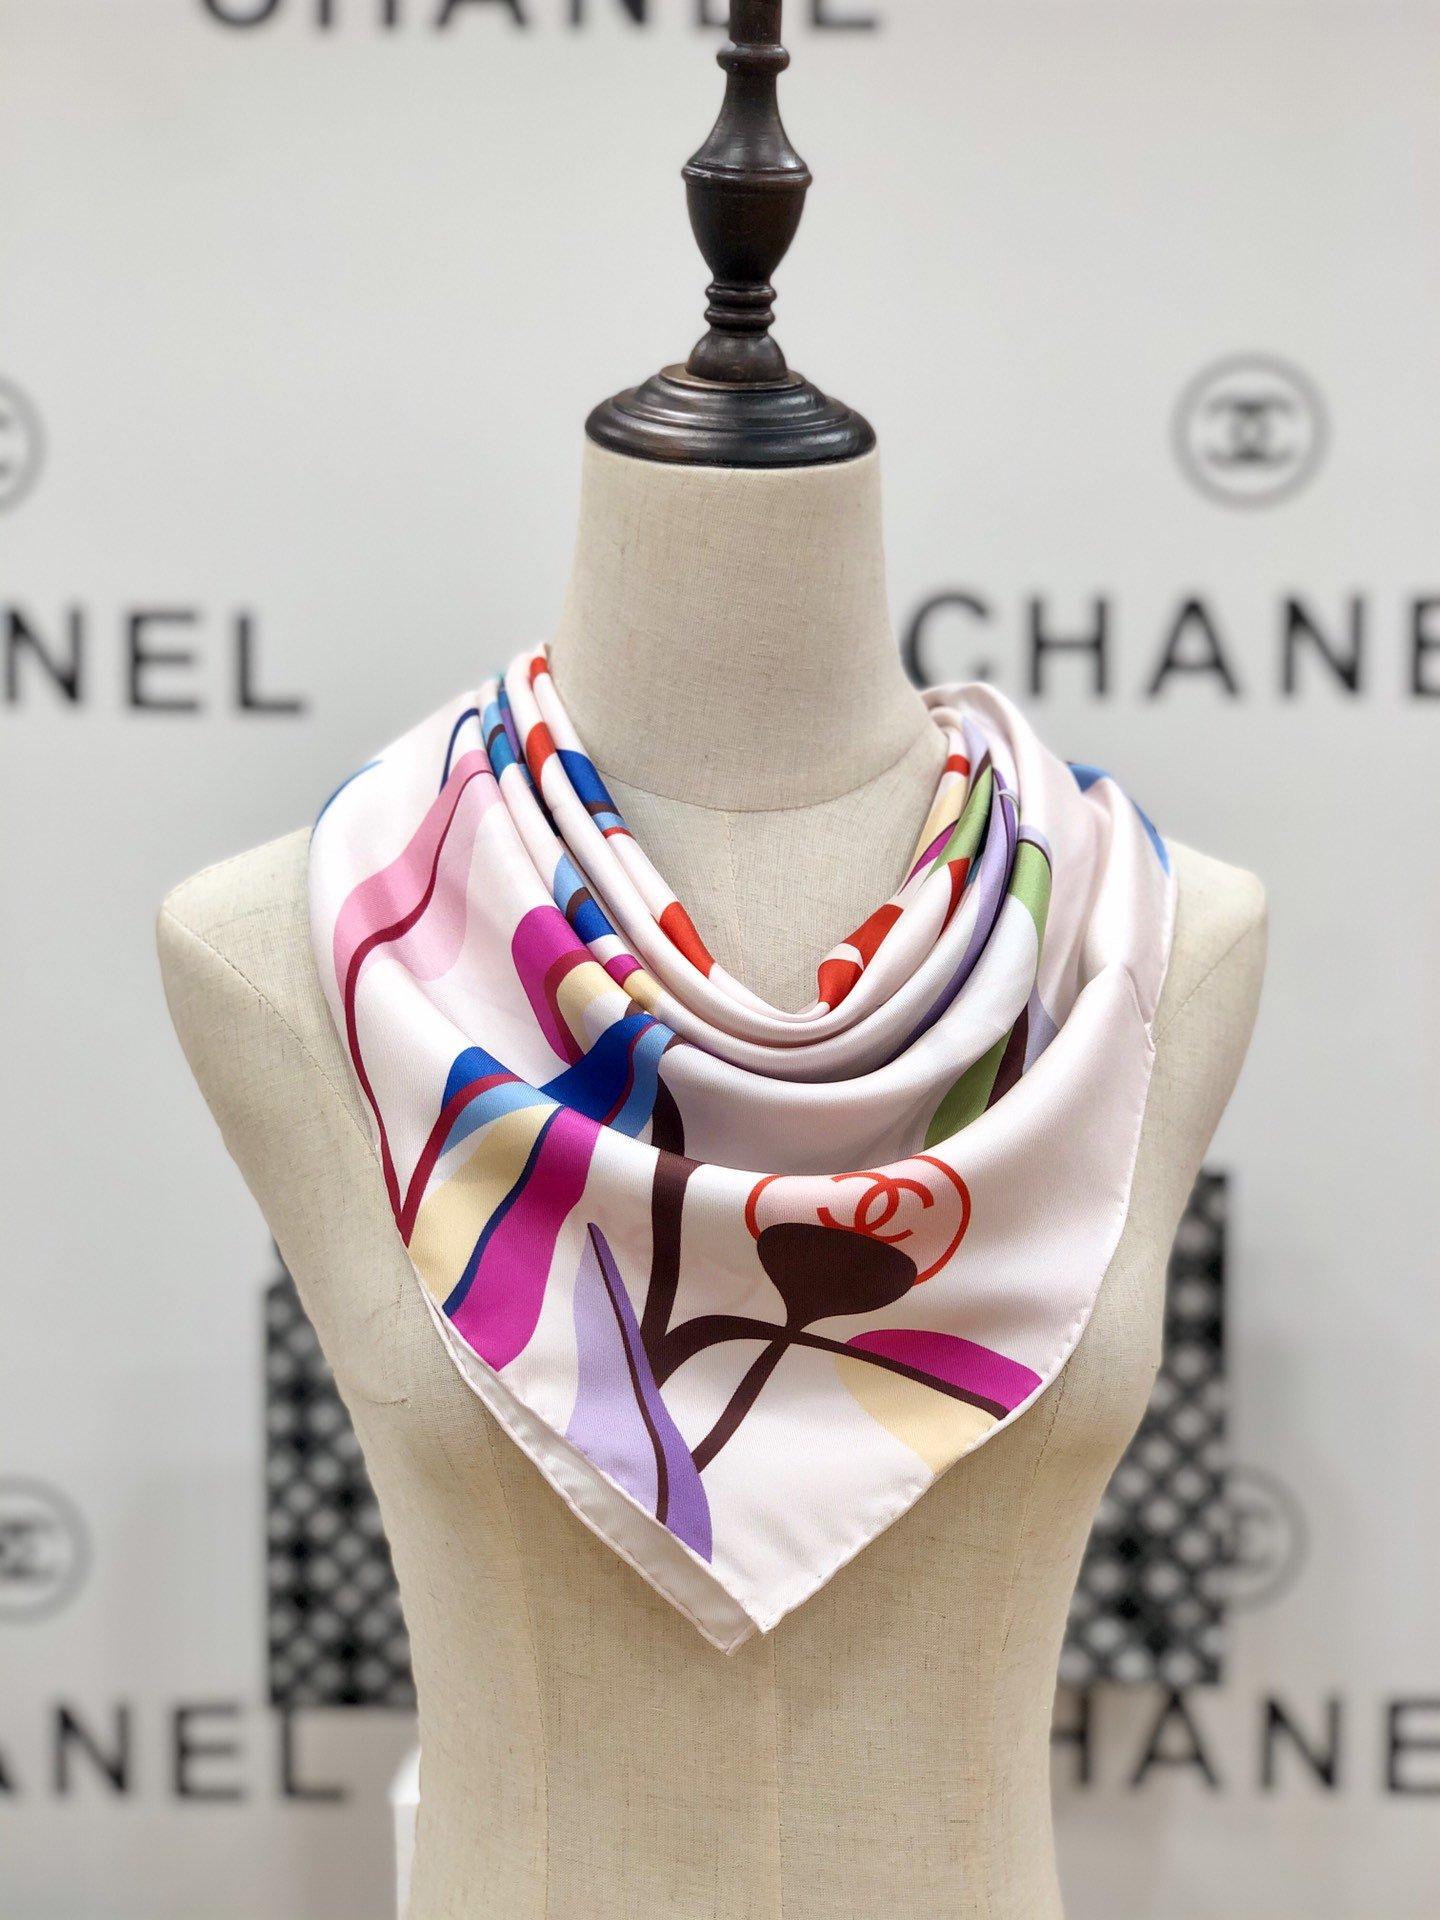 chanel小香顶级斜纹真丝方巾(图8)